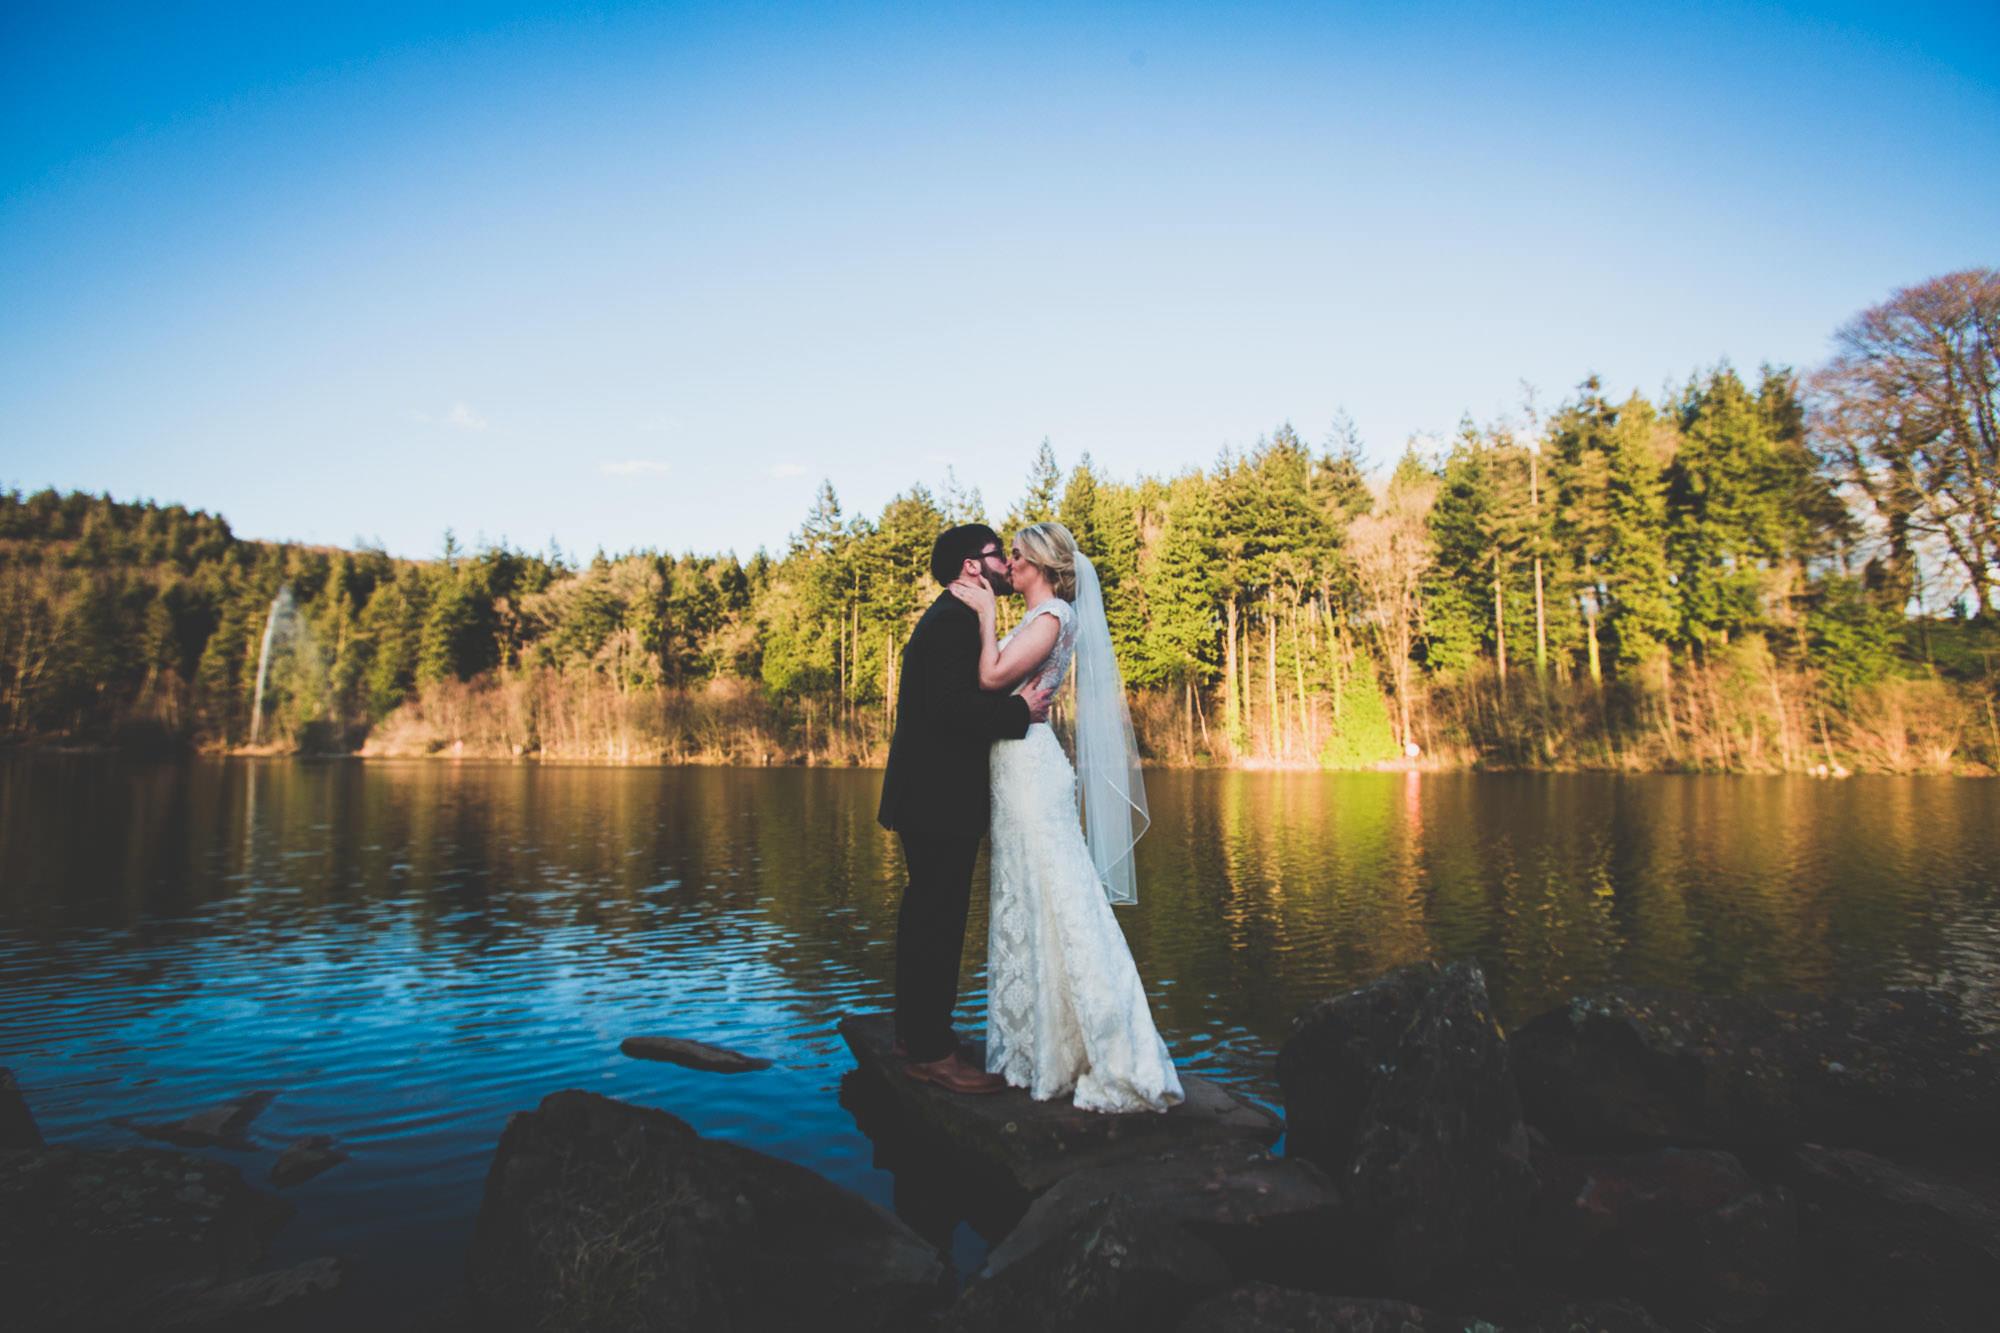 Canada Lodge and Lake -